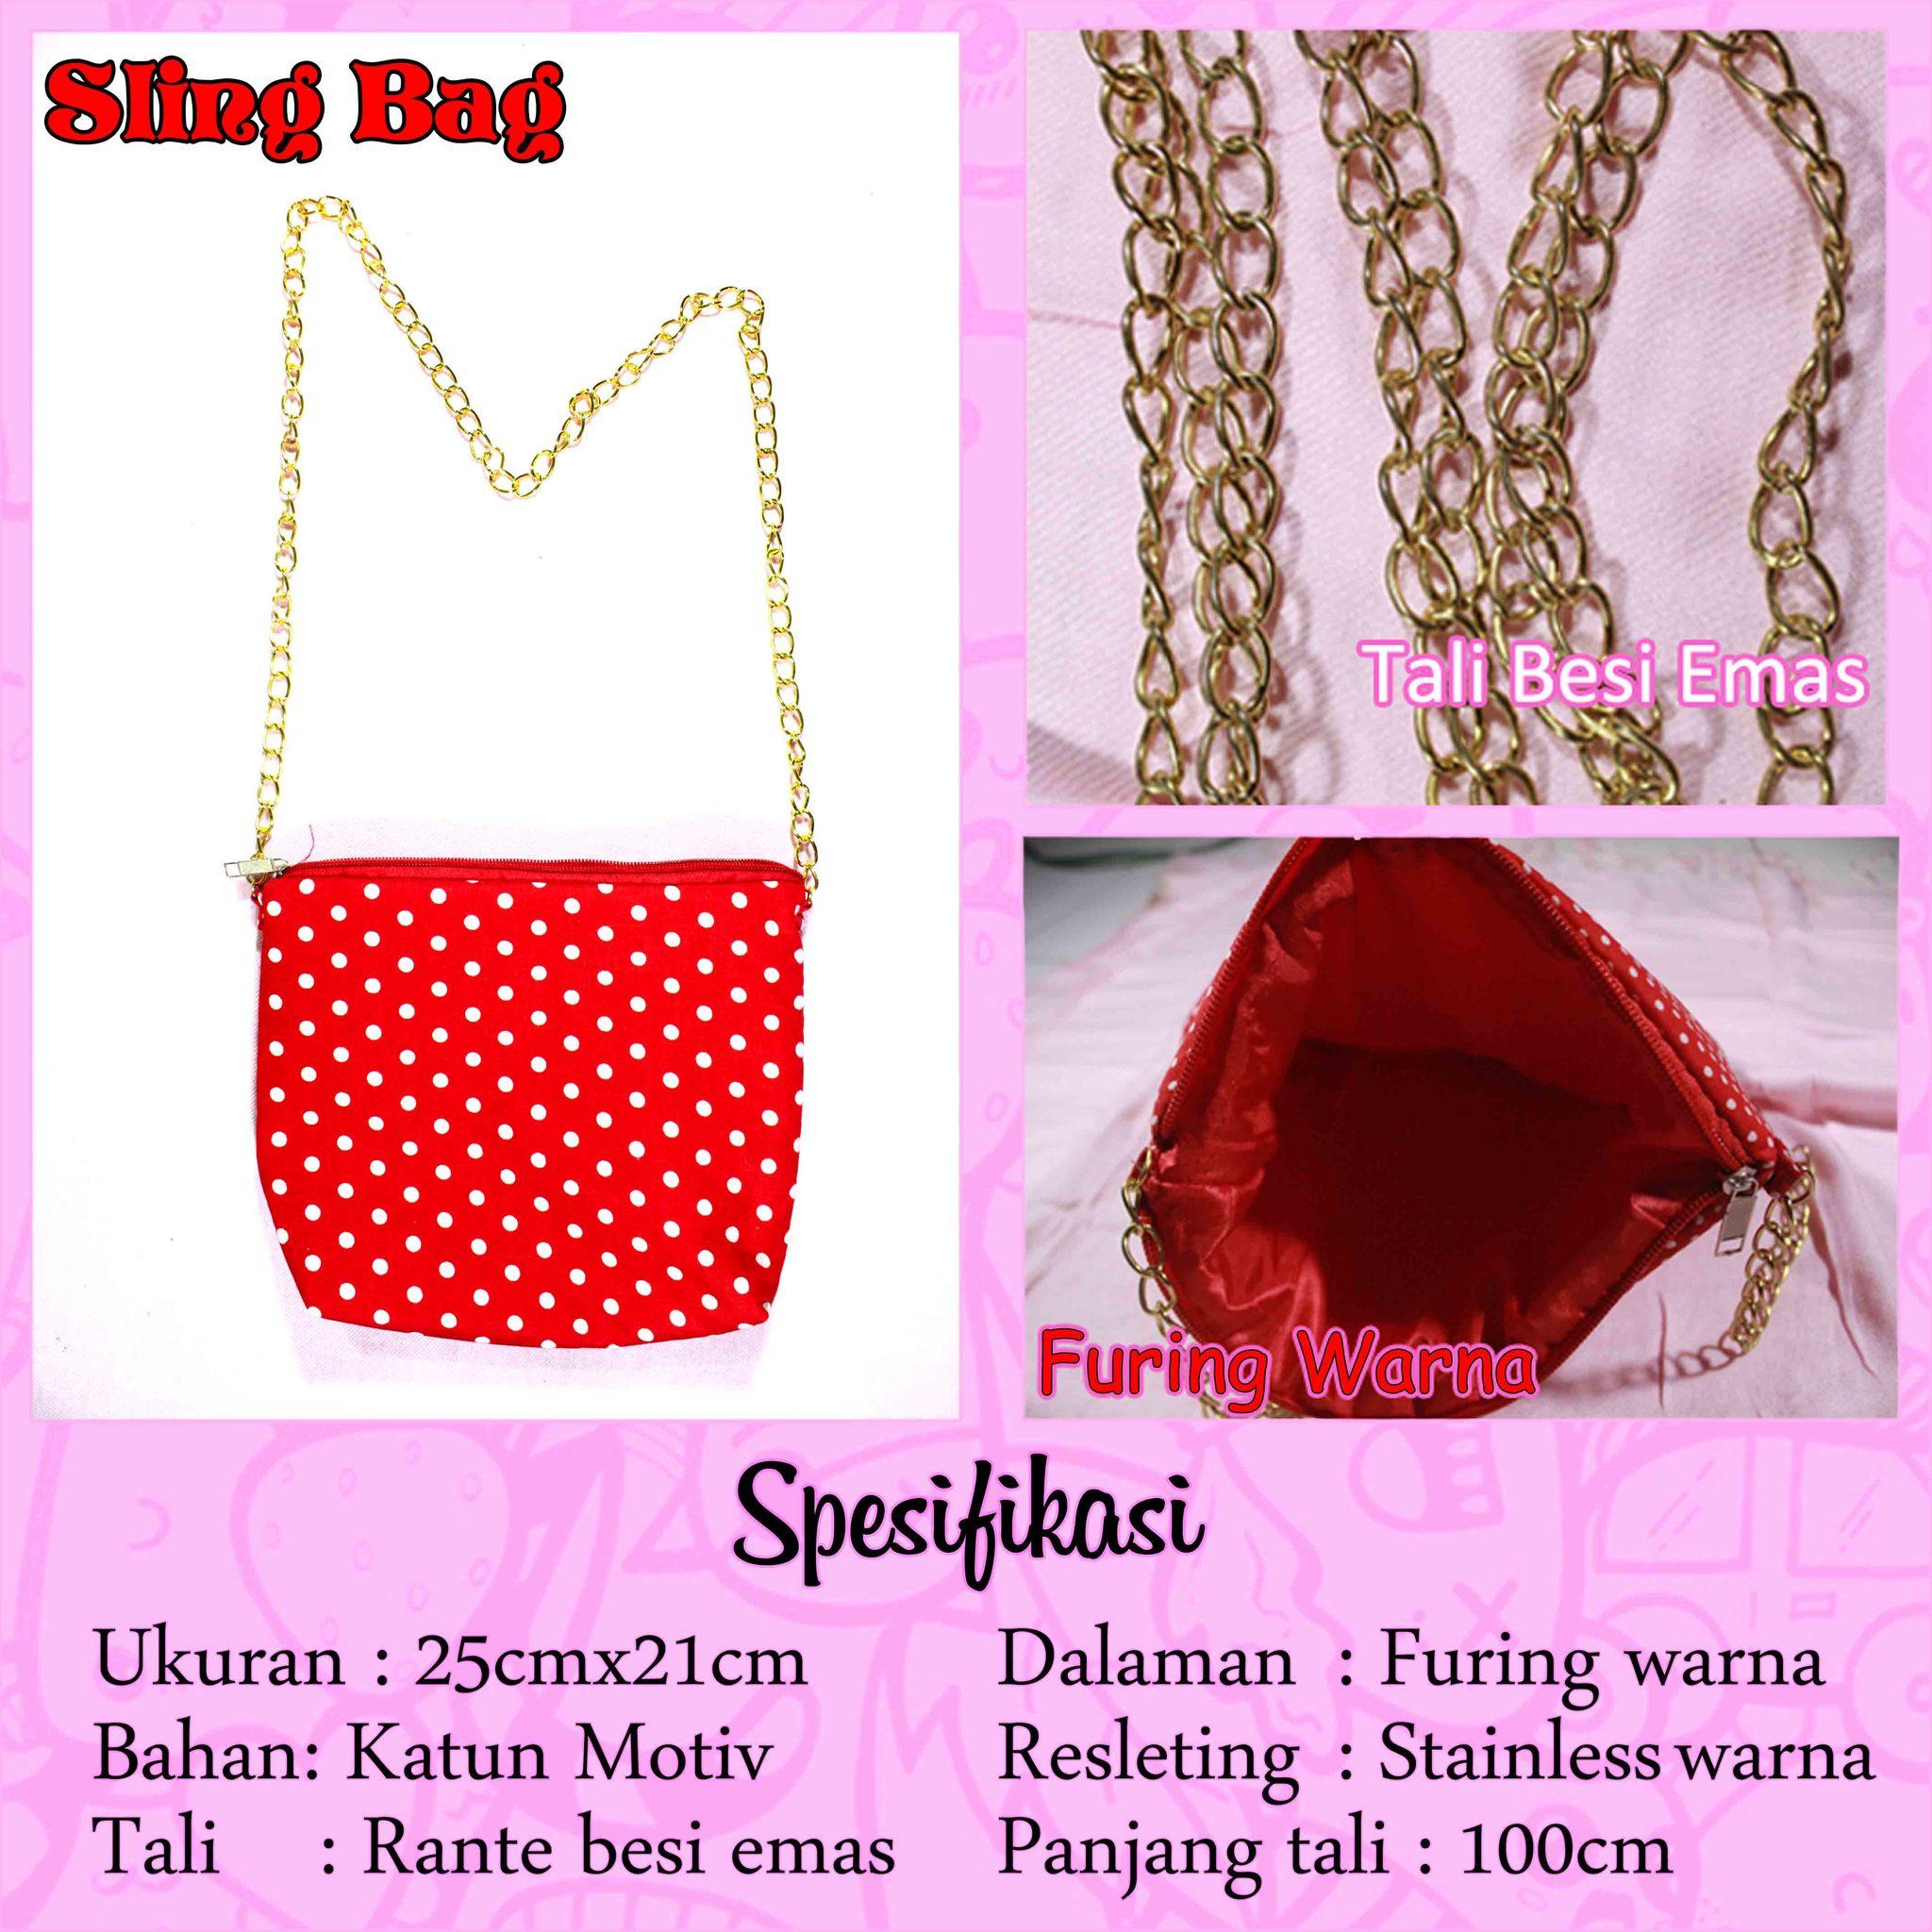 Sling bag tokopedia - Sling Bag Murah